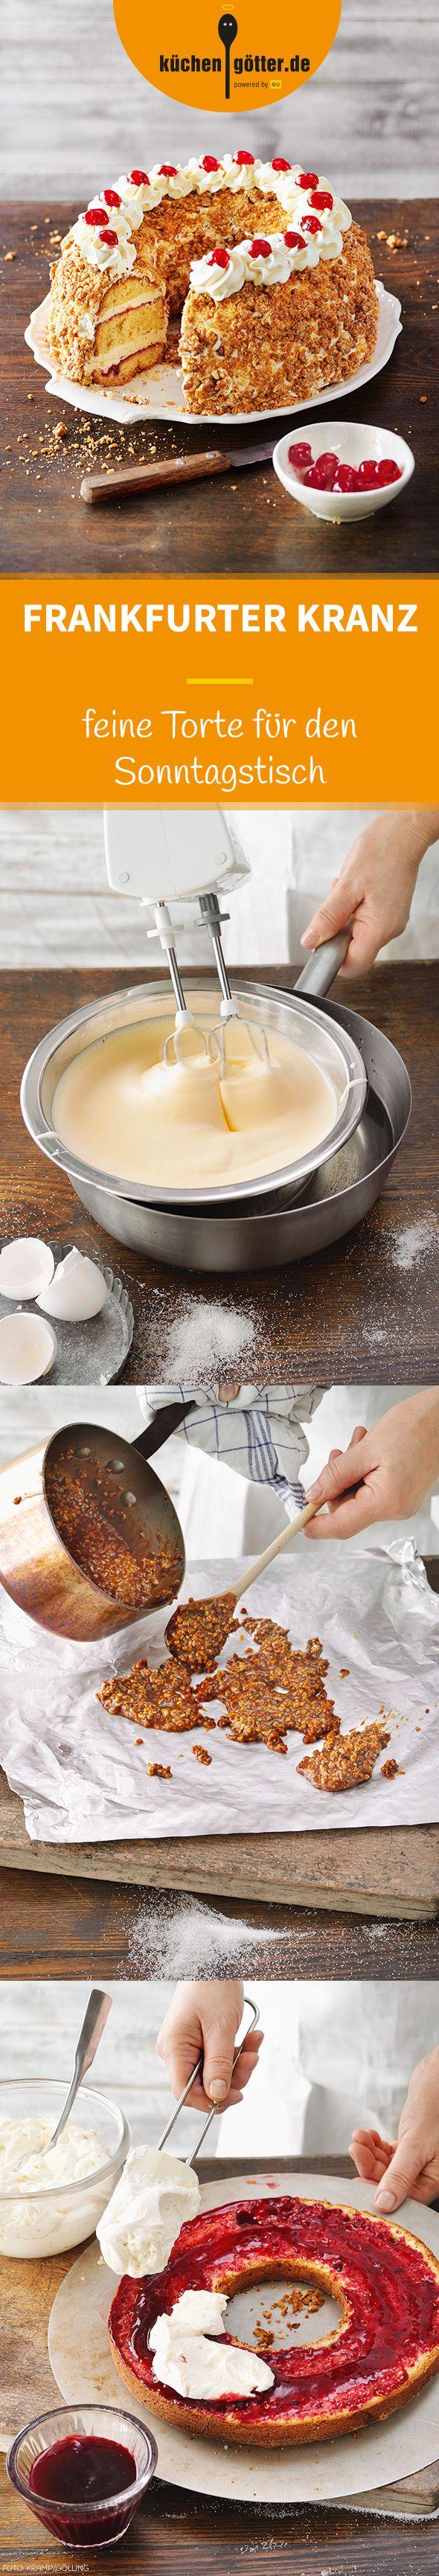 Die 5 Zutaten Küche Leckerschmecker | Rhabarberkuchen Mit Streuseln